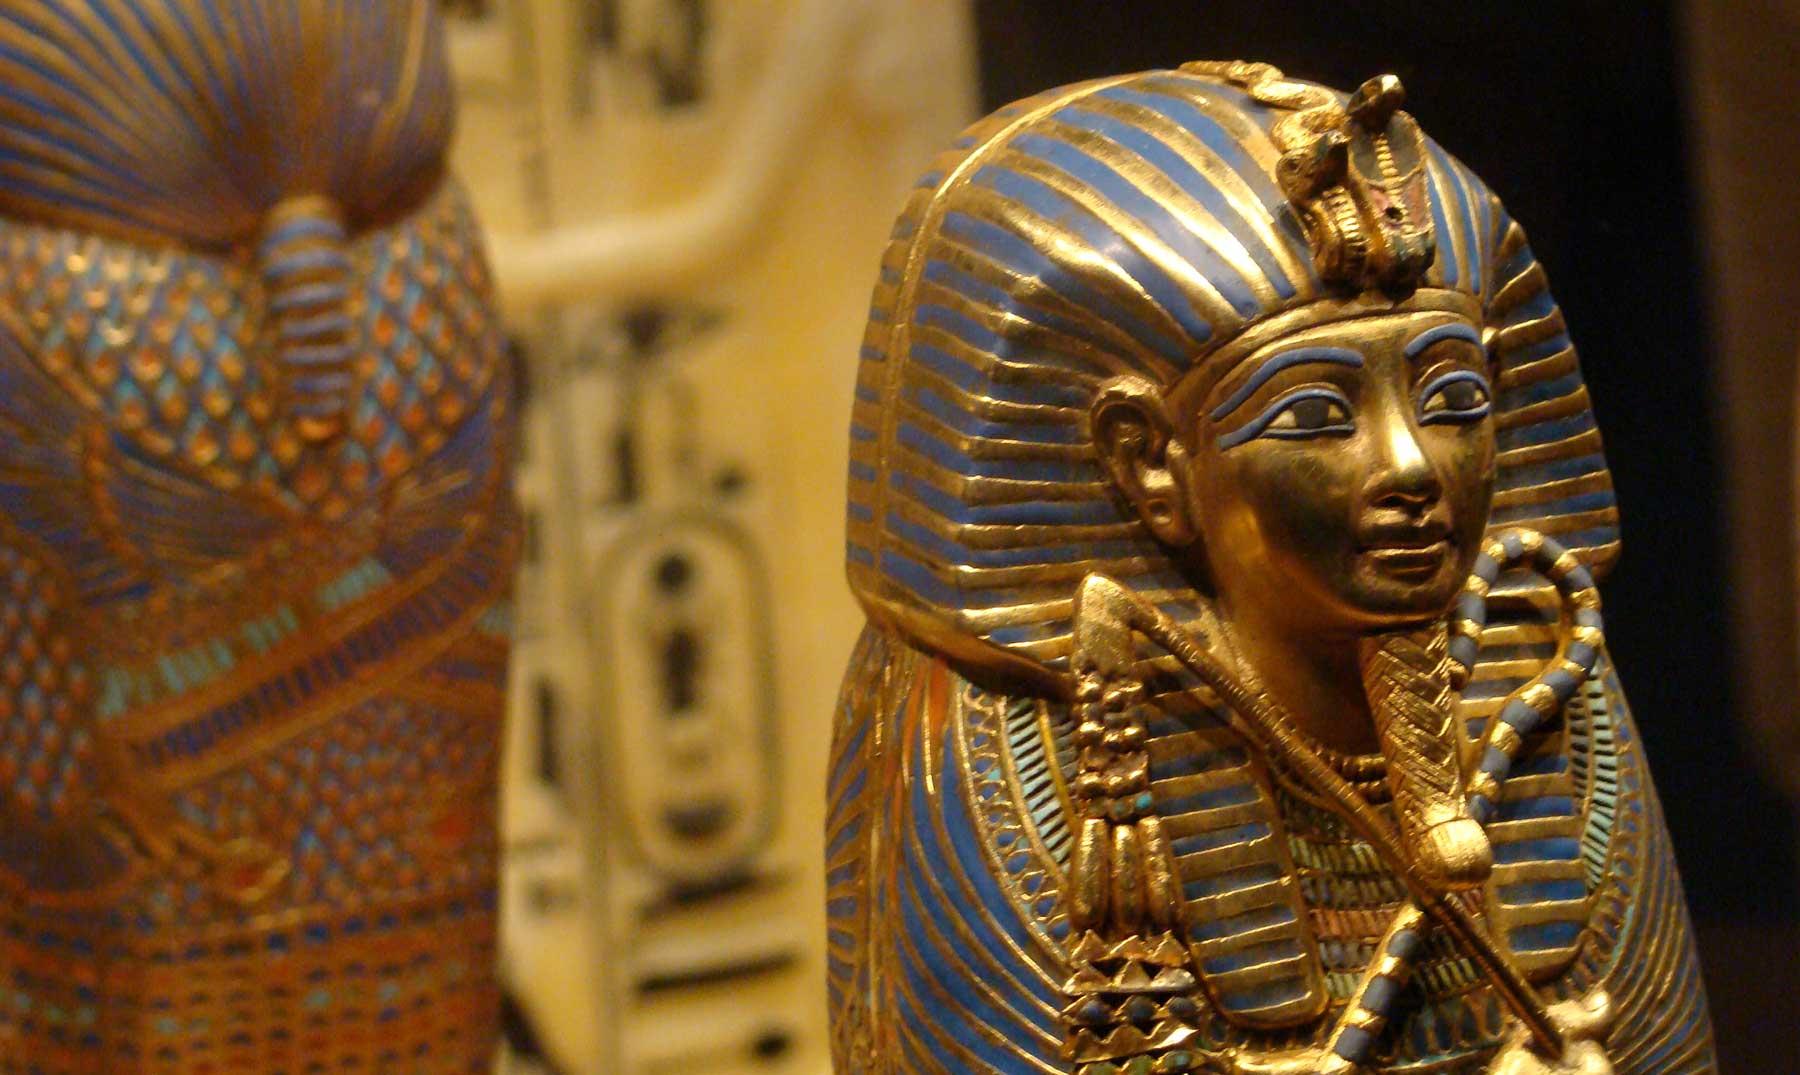 tuvo tutankamon dos hijas gemelas